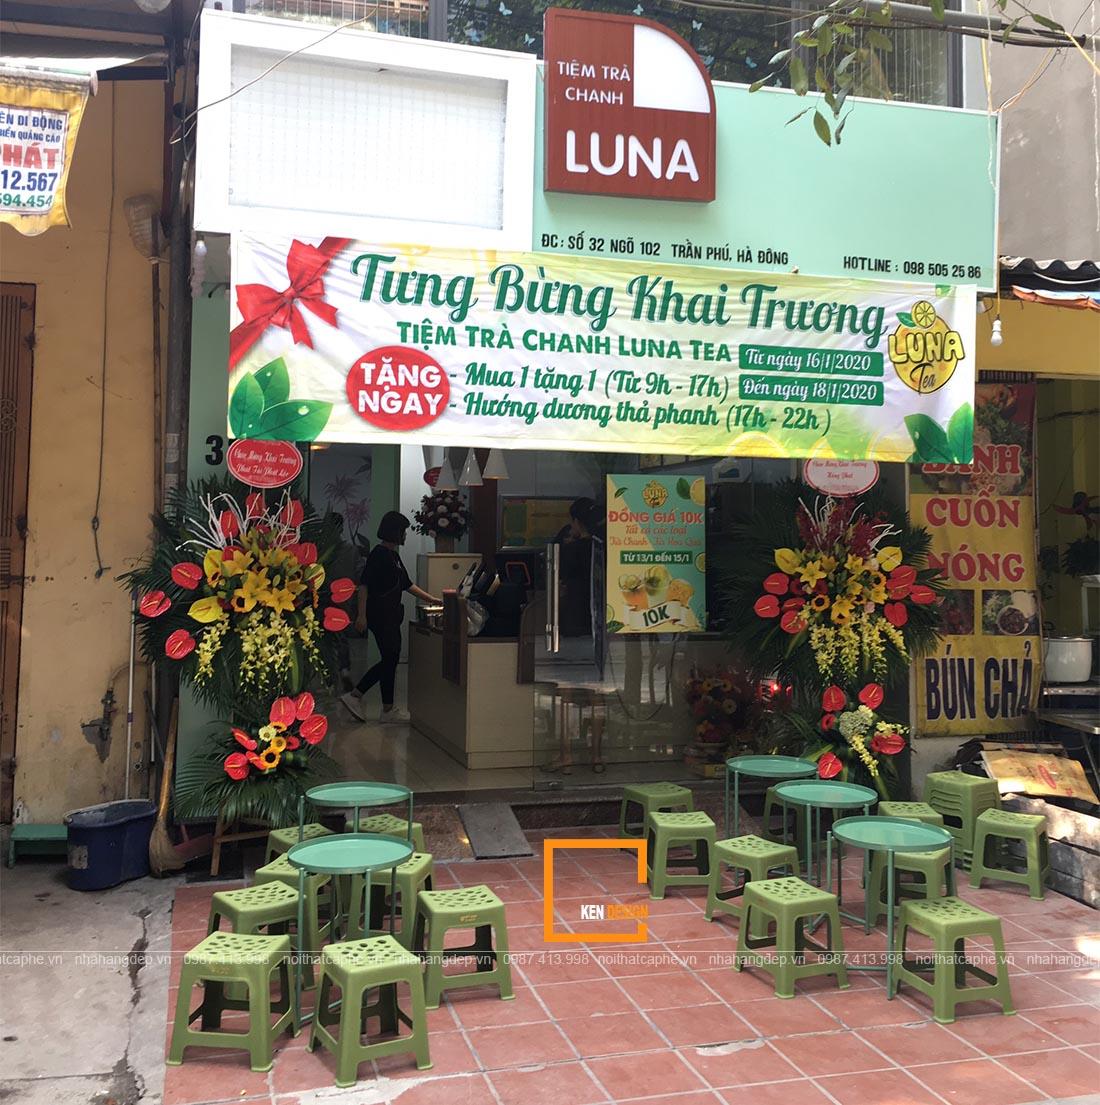 Thi công quán trà chanh Luna